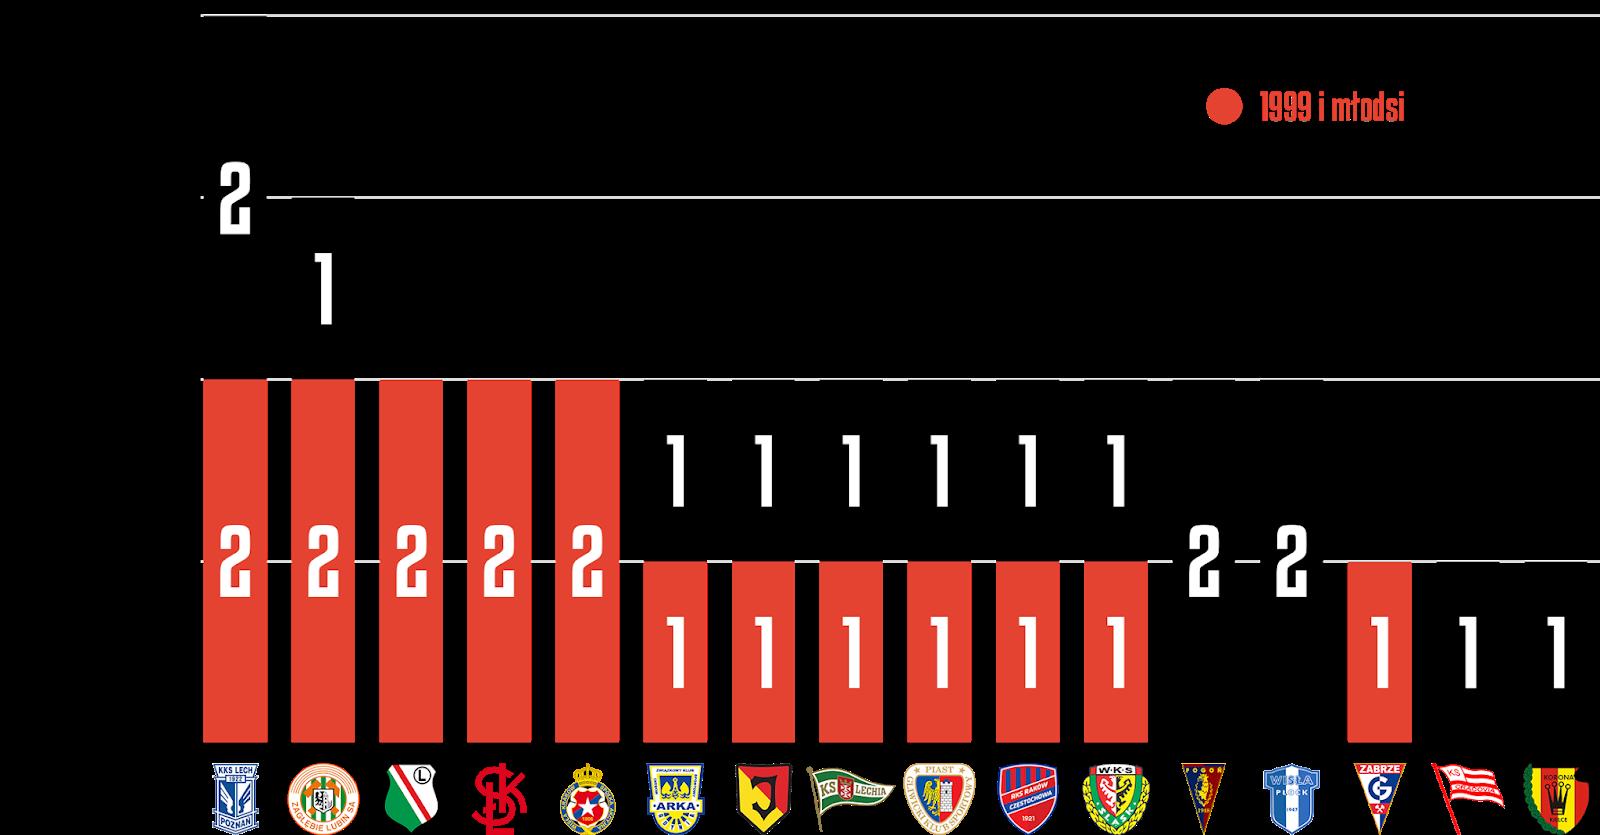 Młodzieżowcy w 16. kolejce PKO Ekstraklasy<br><br>Źródło: Opracowanie własne na podstawie ekstrastats.pl<br><br>graf. Bartosz Urban